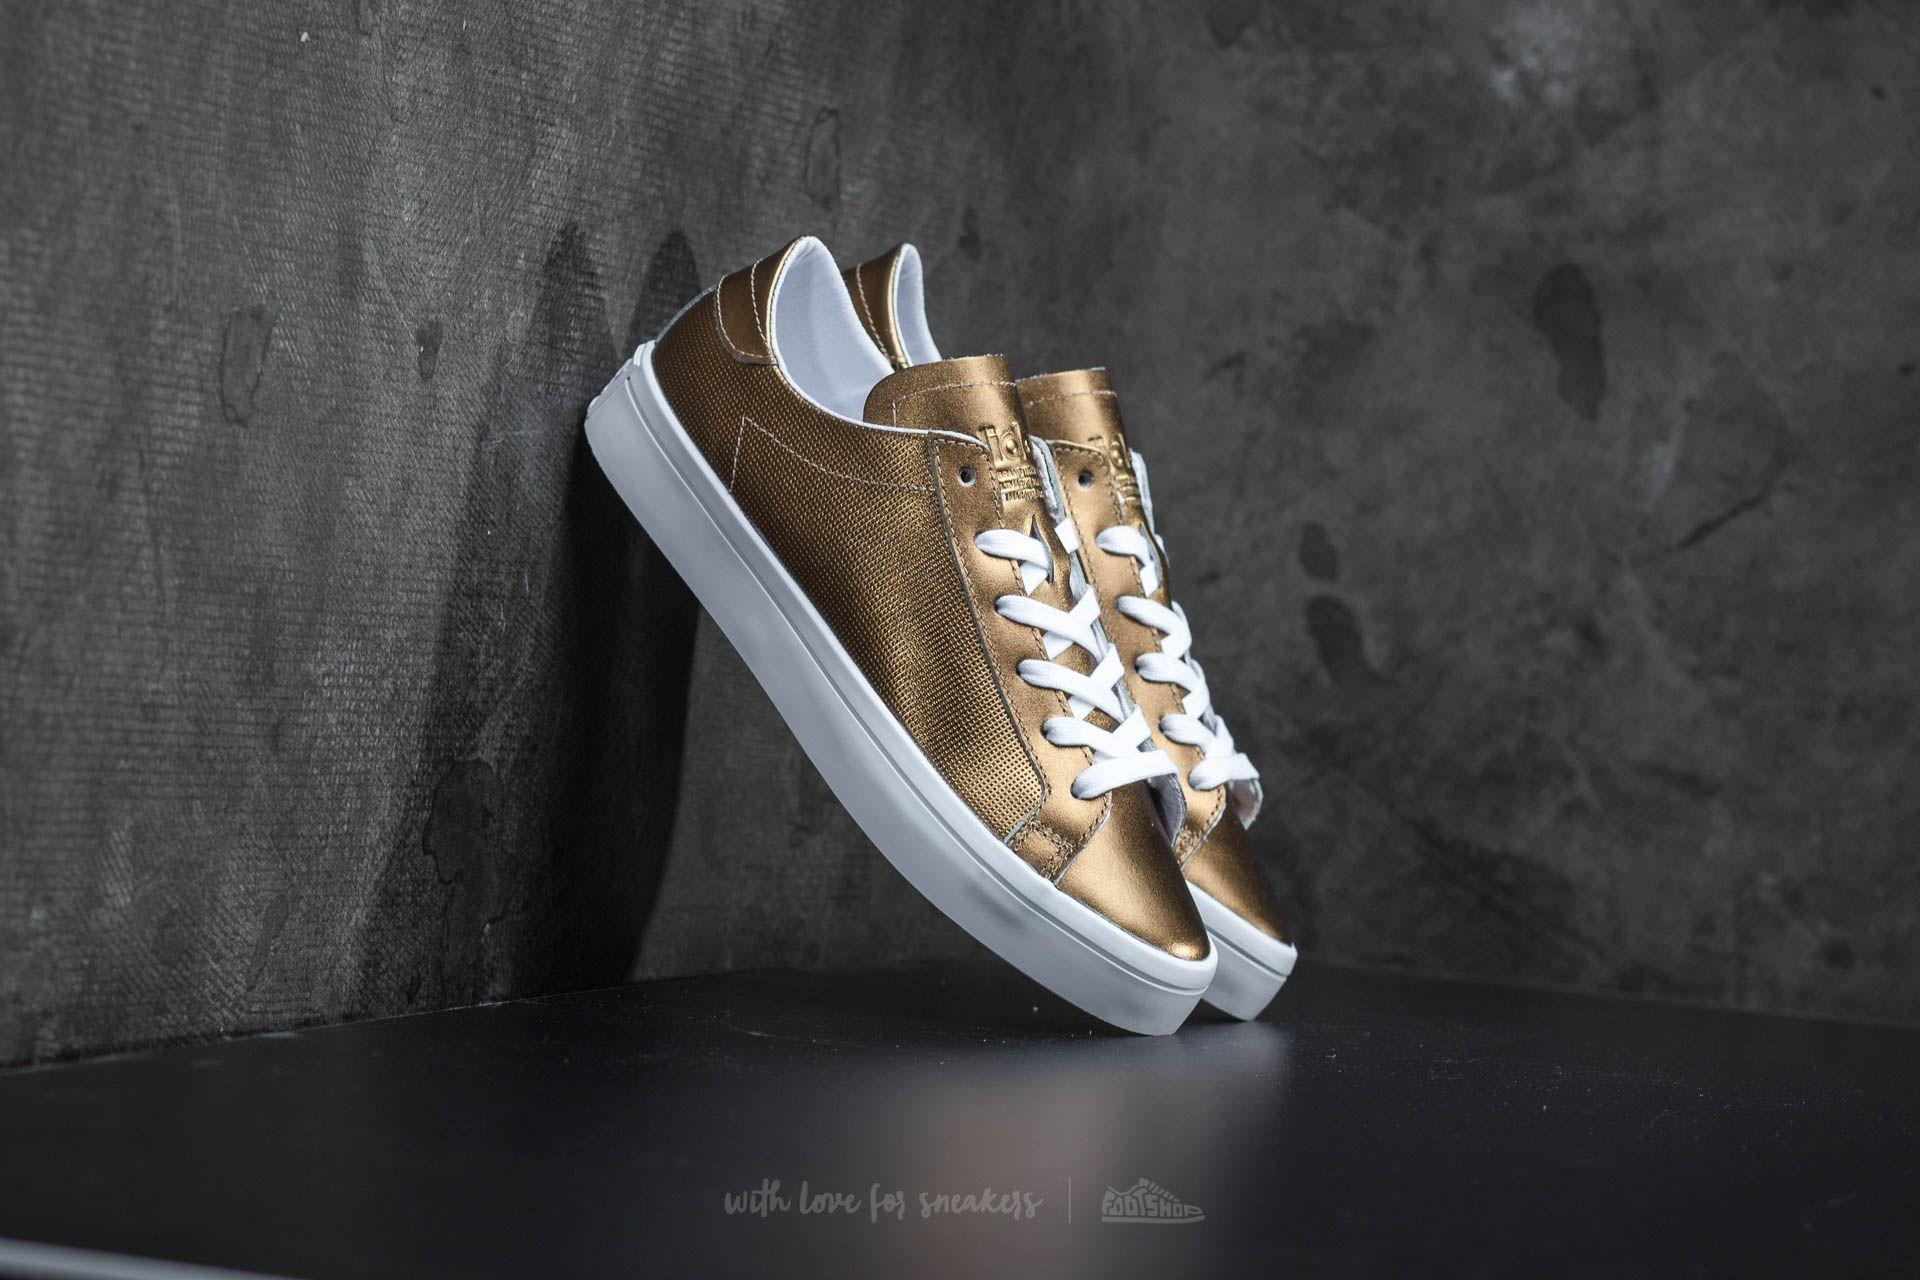 separation shoes 90d13 7f389 adidas Court Vantage W. Copper Metallic Ftw White